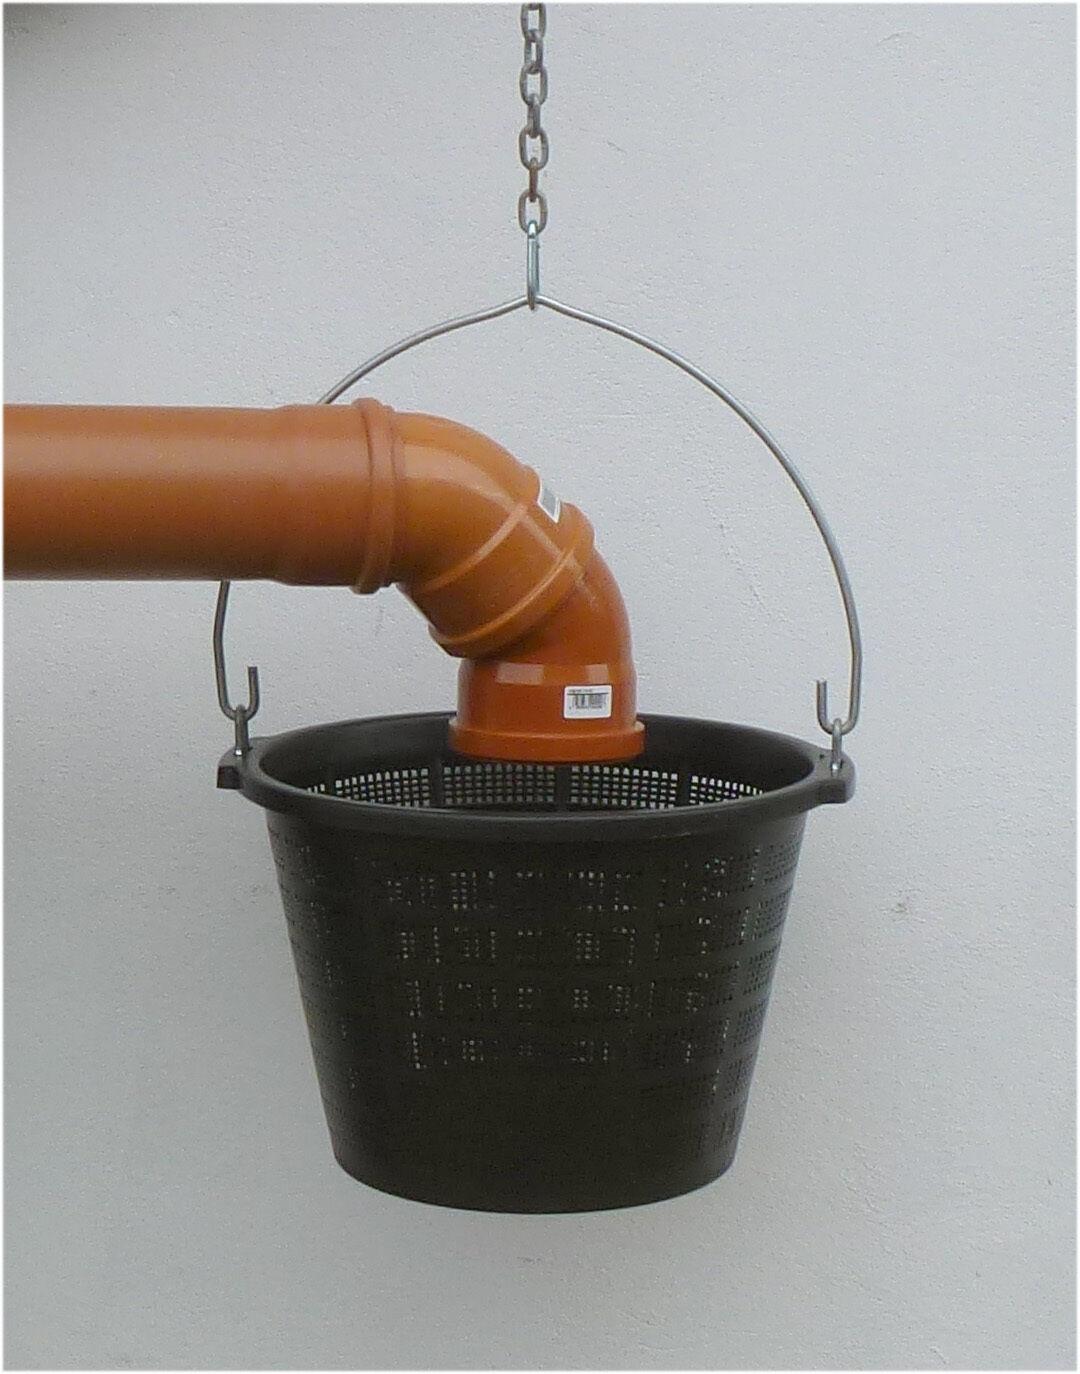 Zisternenfilter Regenwasserfilter Filter für Zisterne Laubfilter 20 Liter